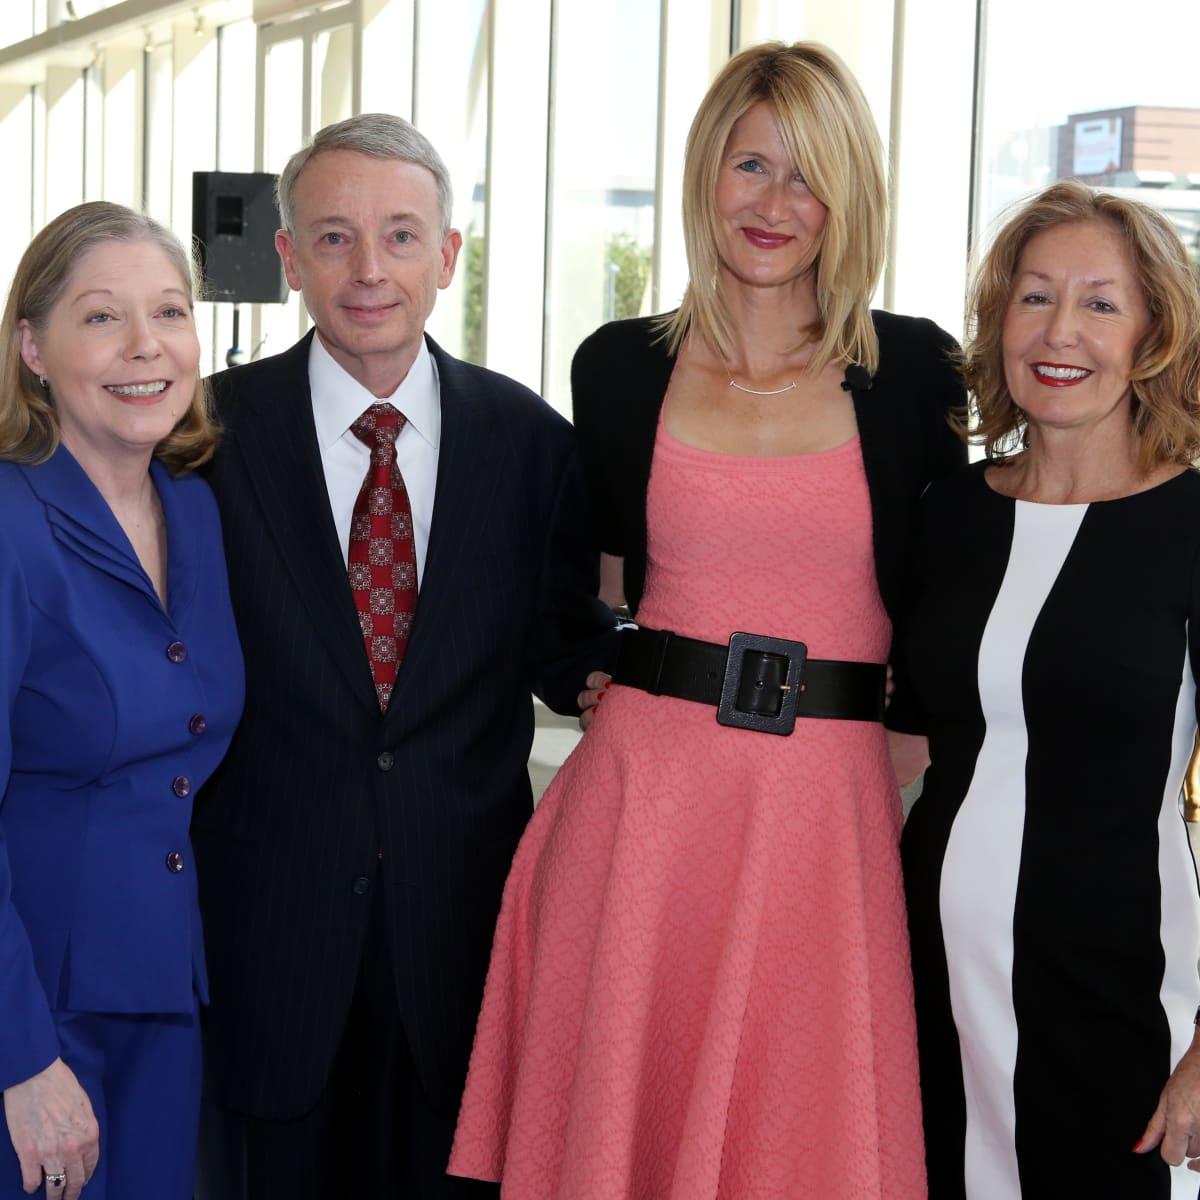 Laura Dern event Nancy Davidson, Chuck Davidson, Laura Dern, June Christensen